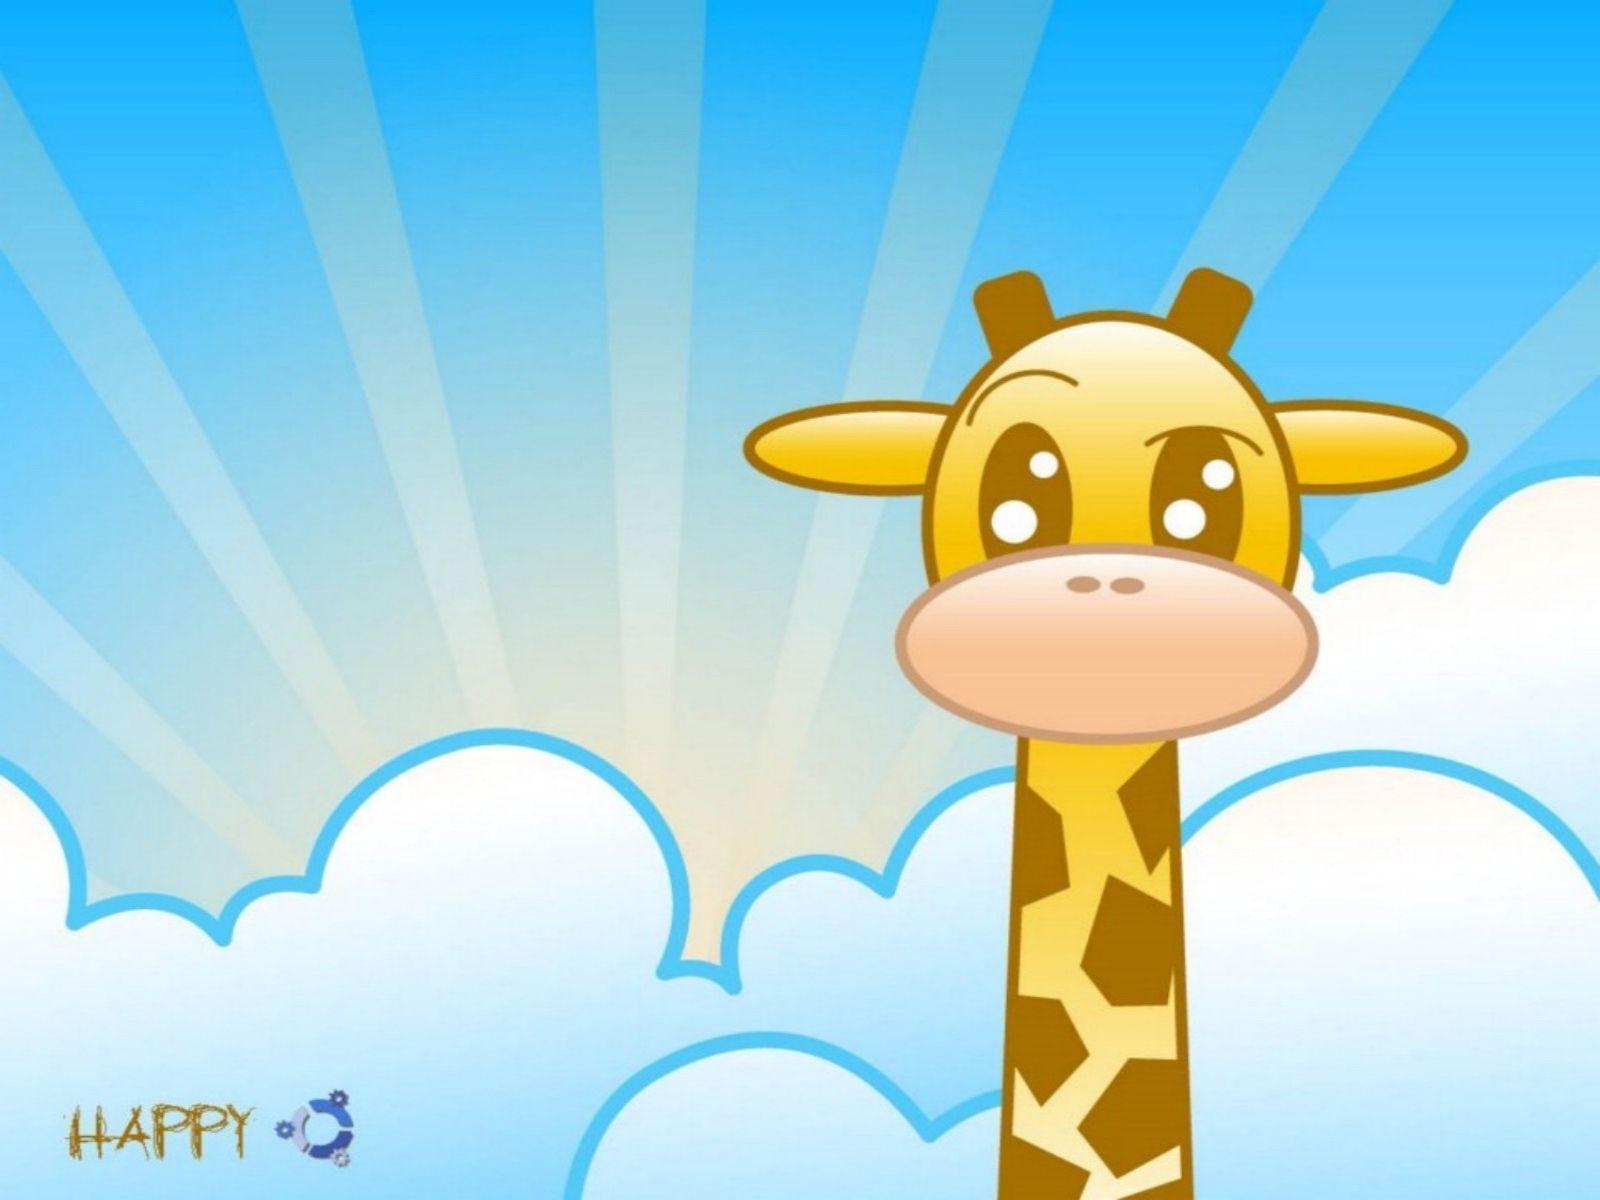 Giraffe Desktop Backgrounds